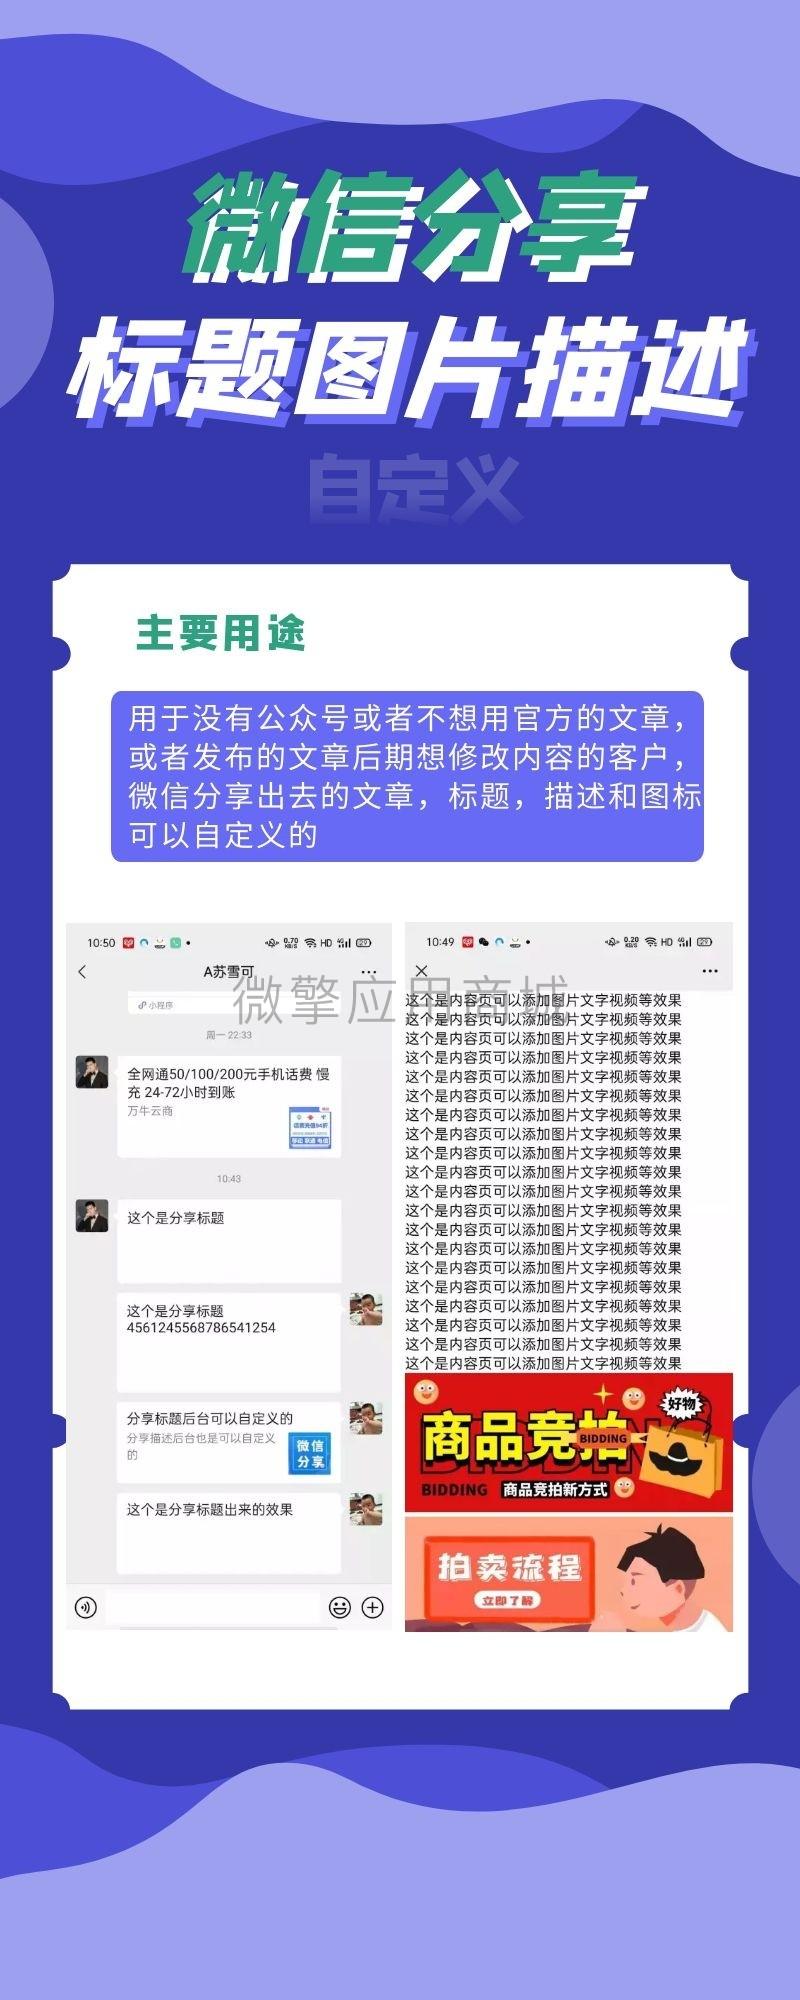 微信分享图标.jpg